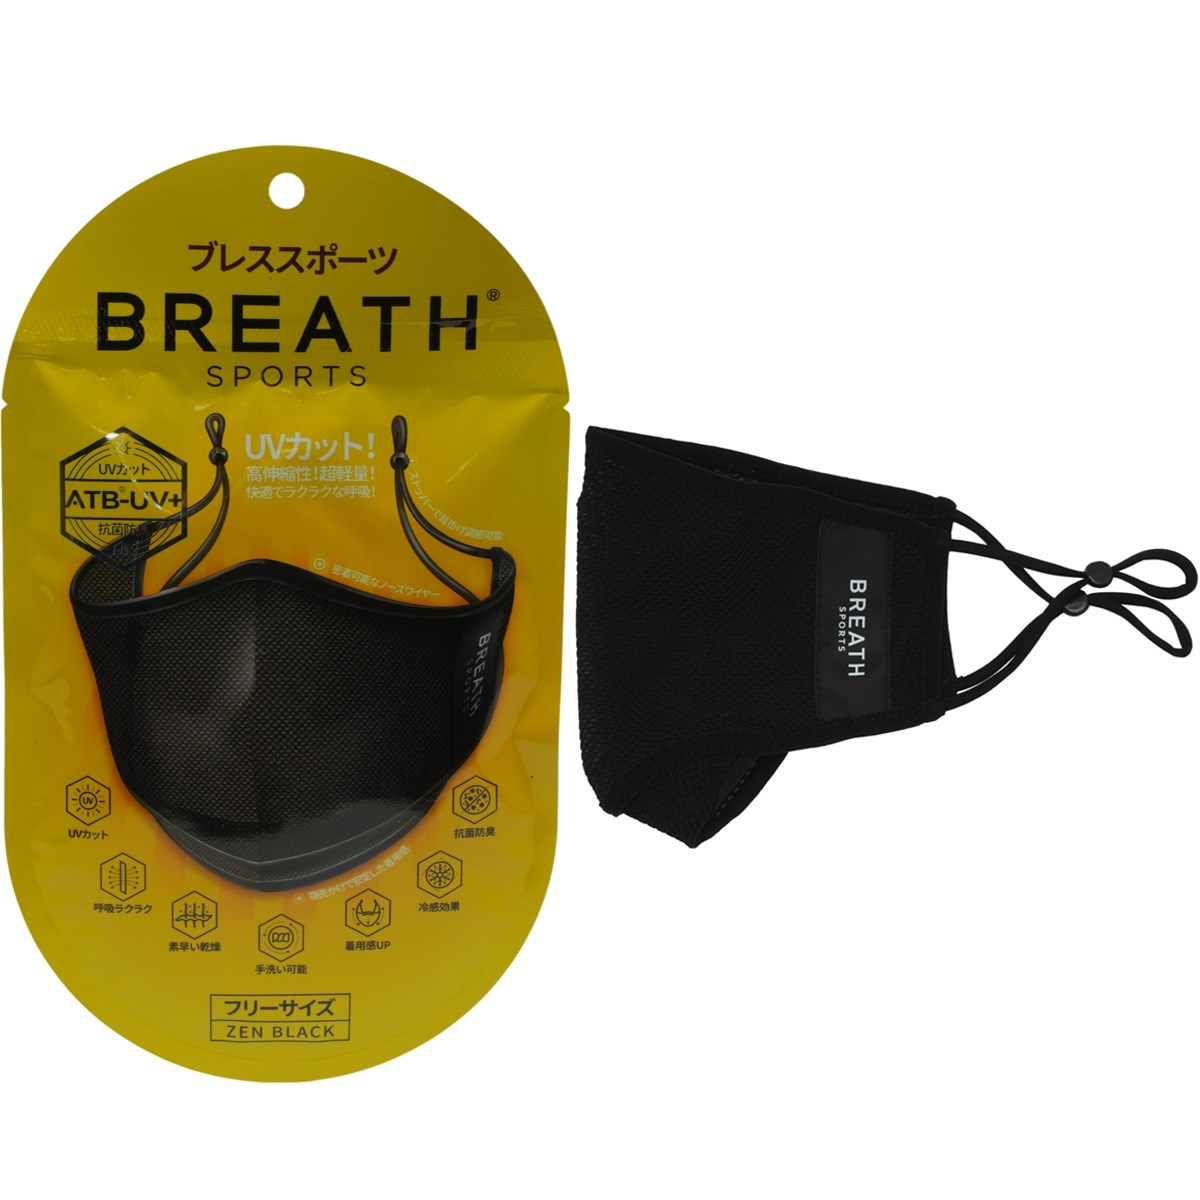 ブレススポ-ツマスク ブラック フリー